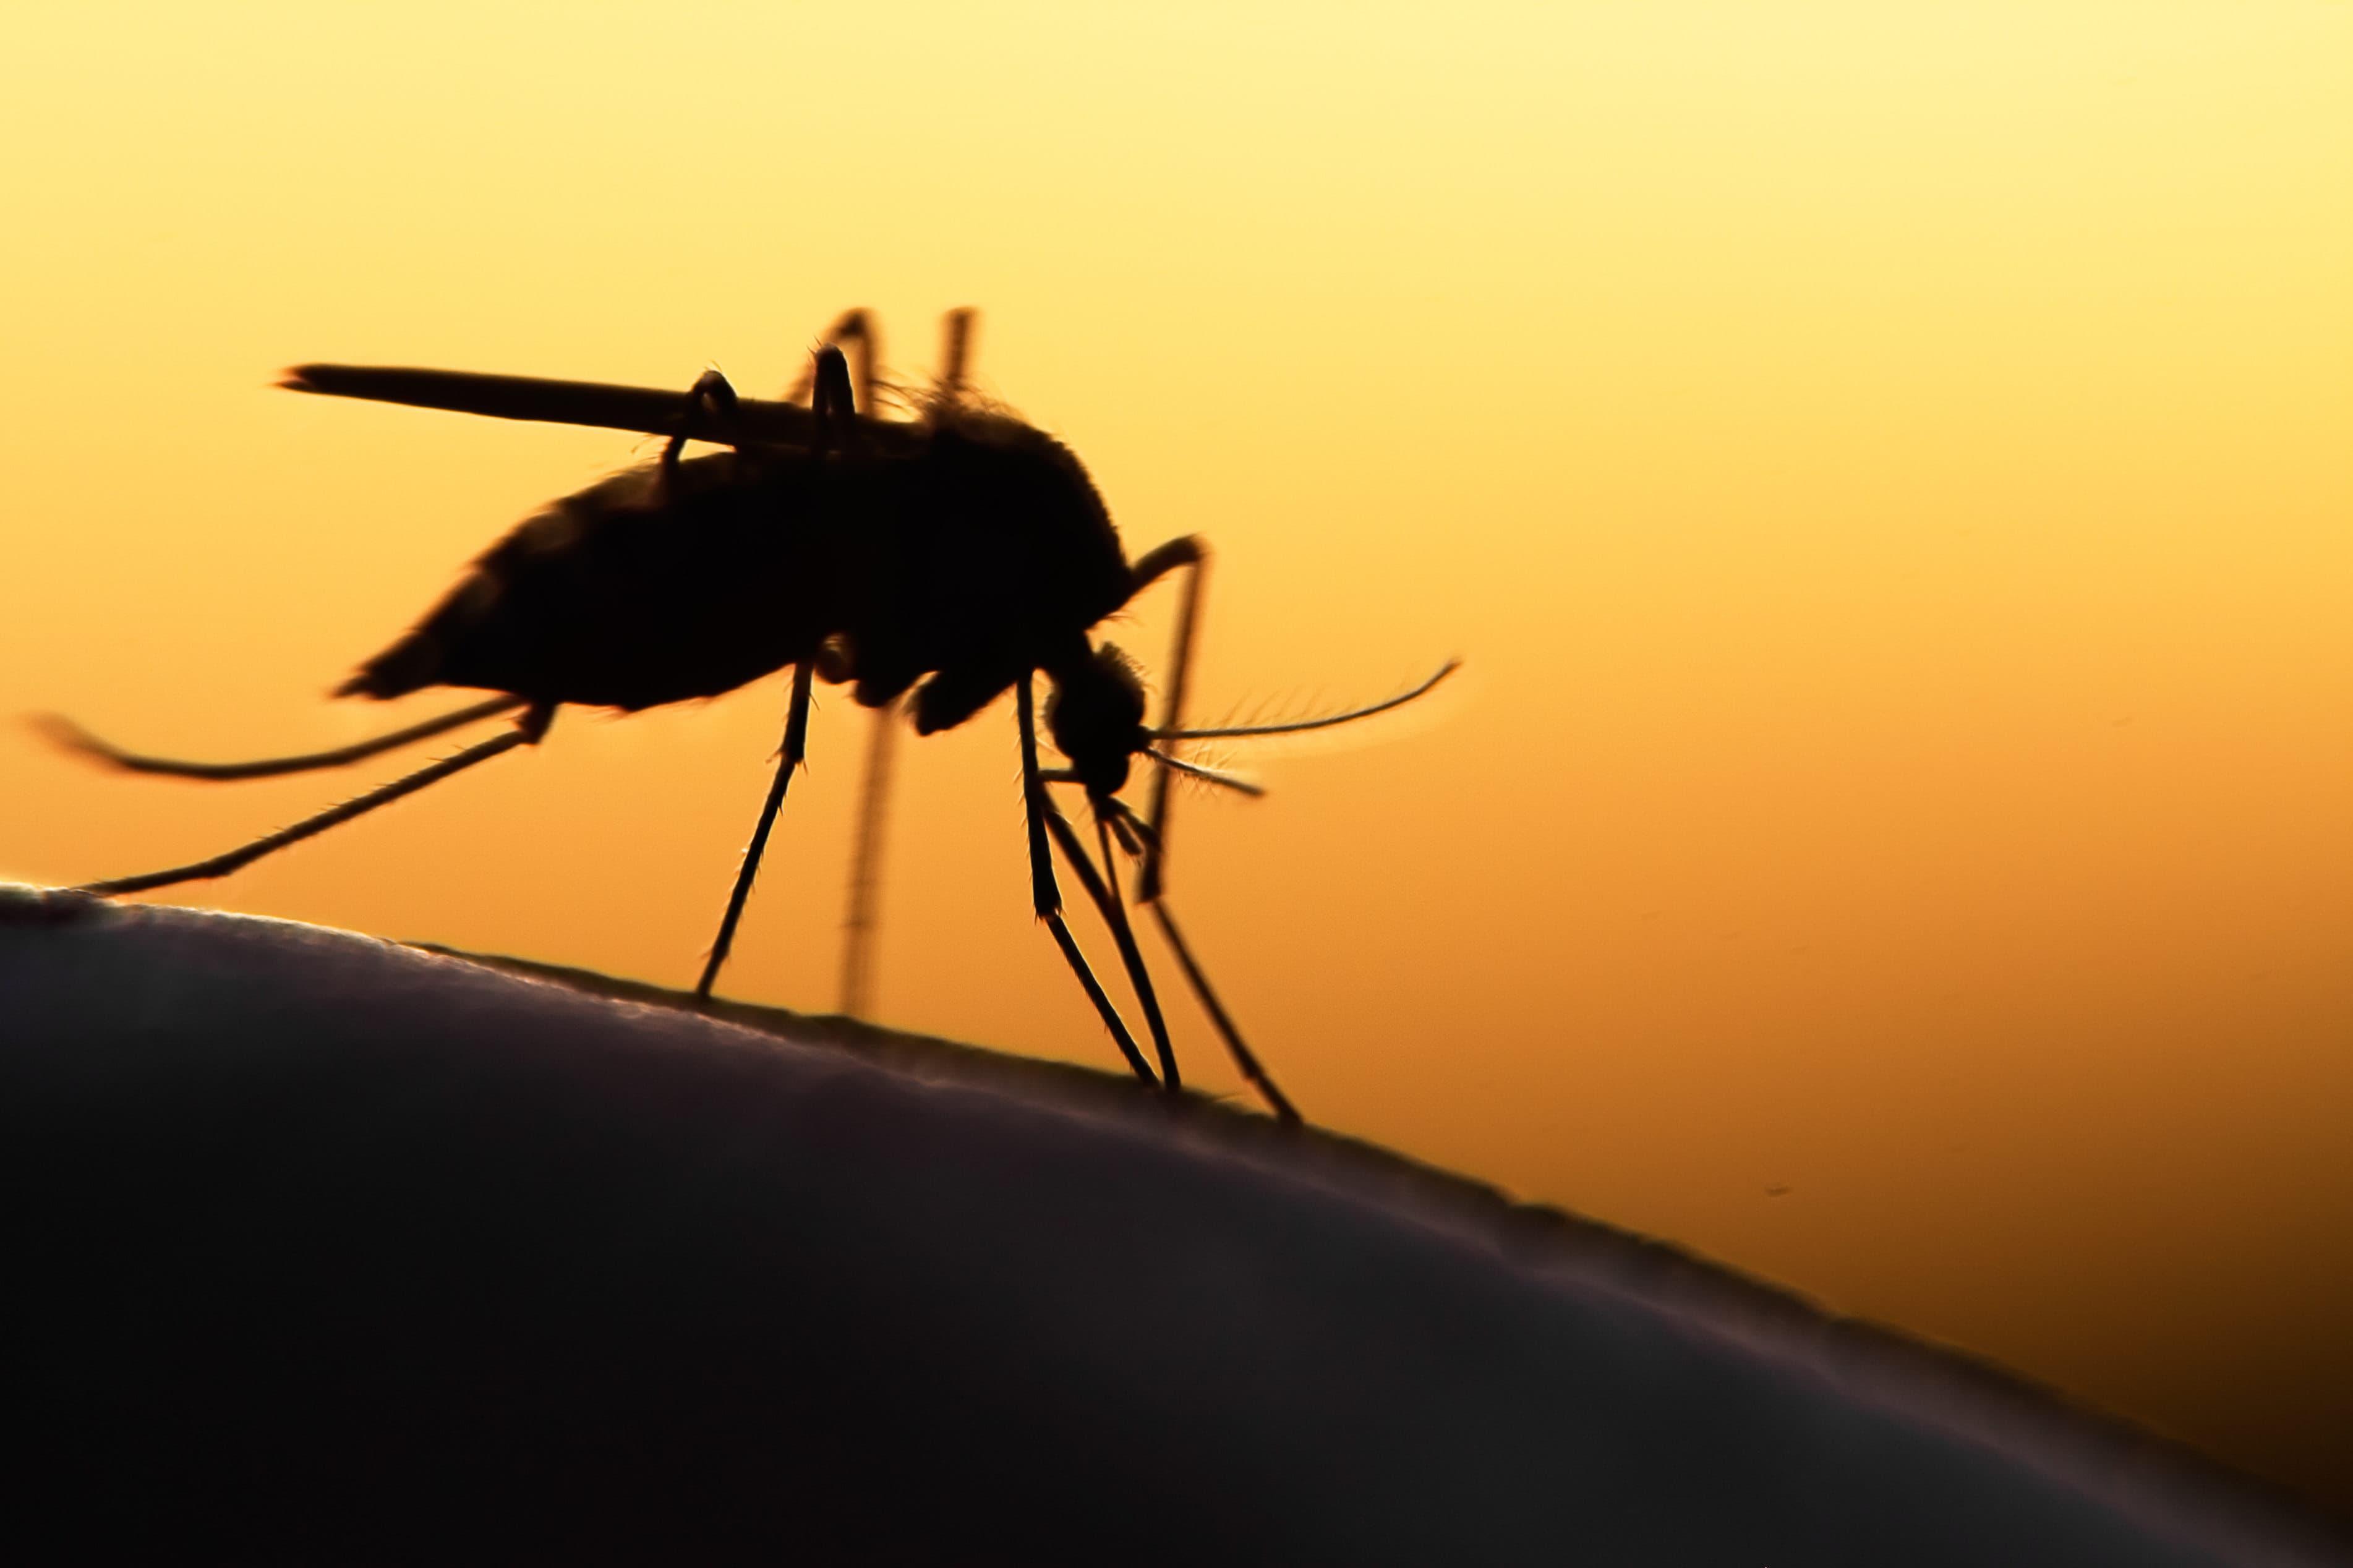 Какие люди больше всего привлекают комаров?